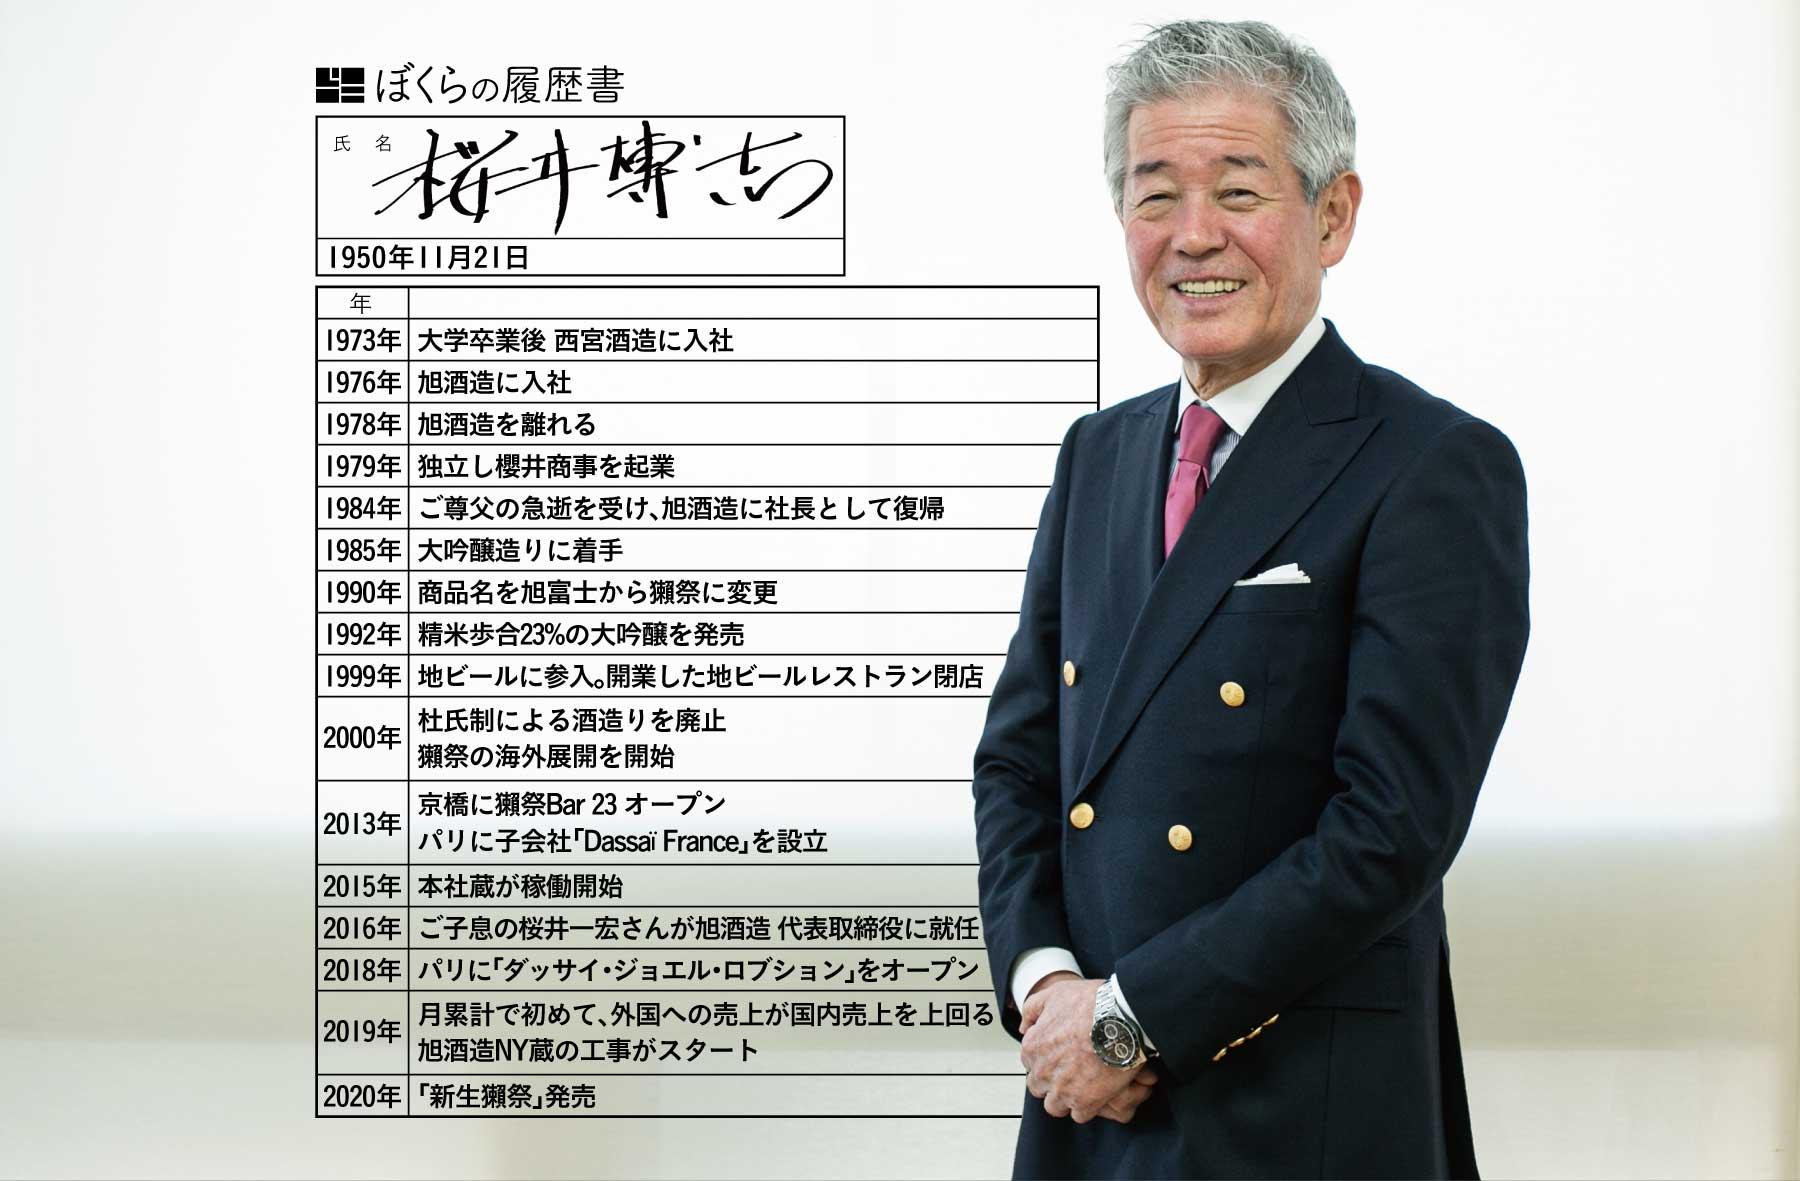 桜井博志さんの履歴書画像